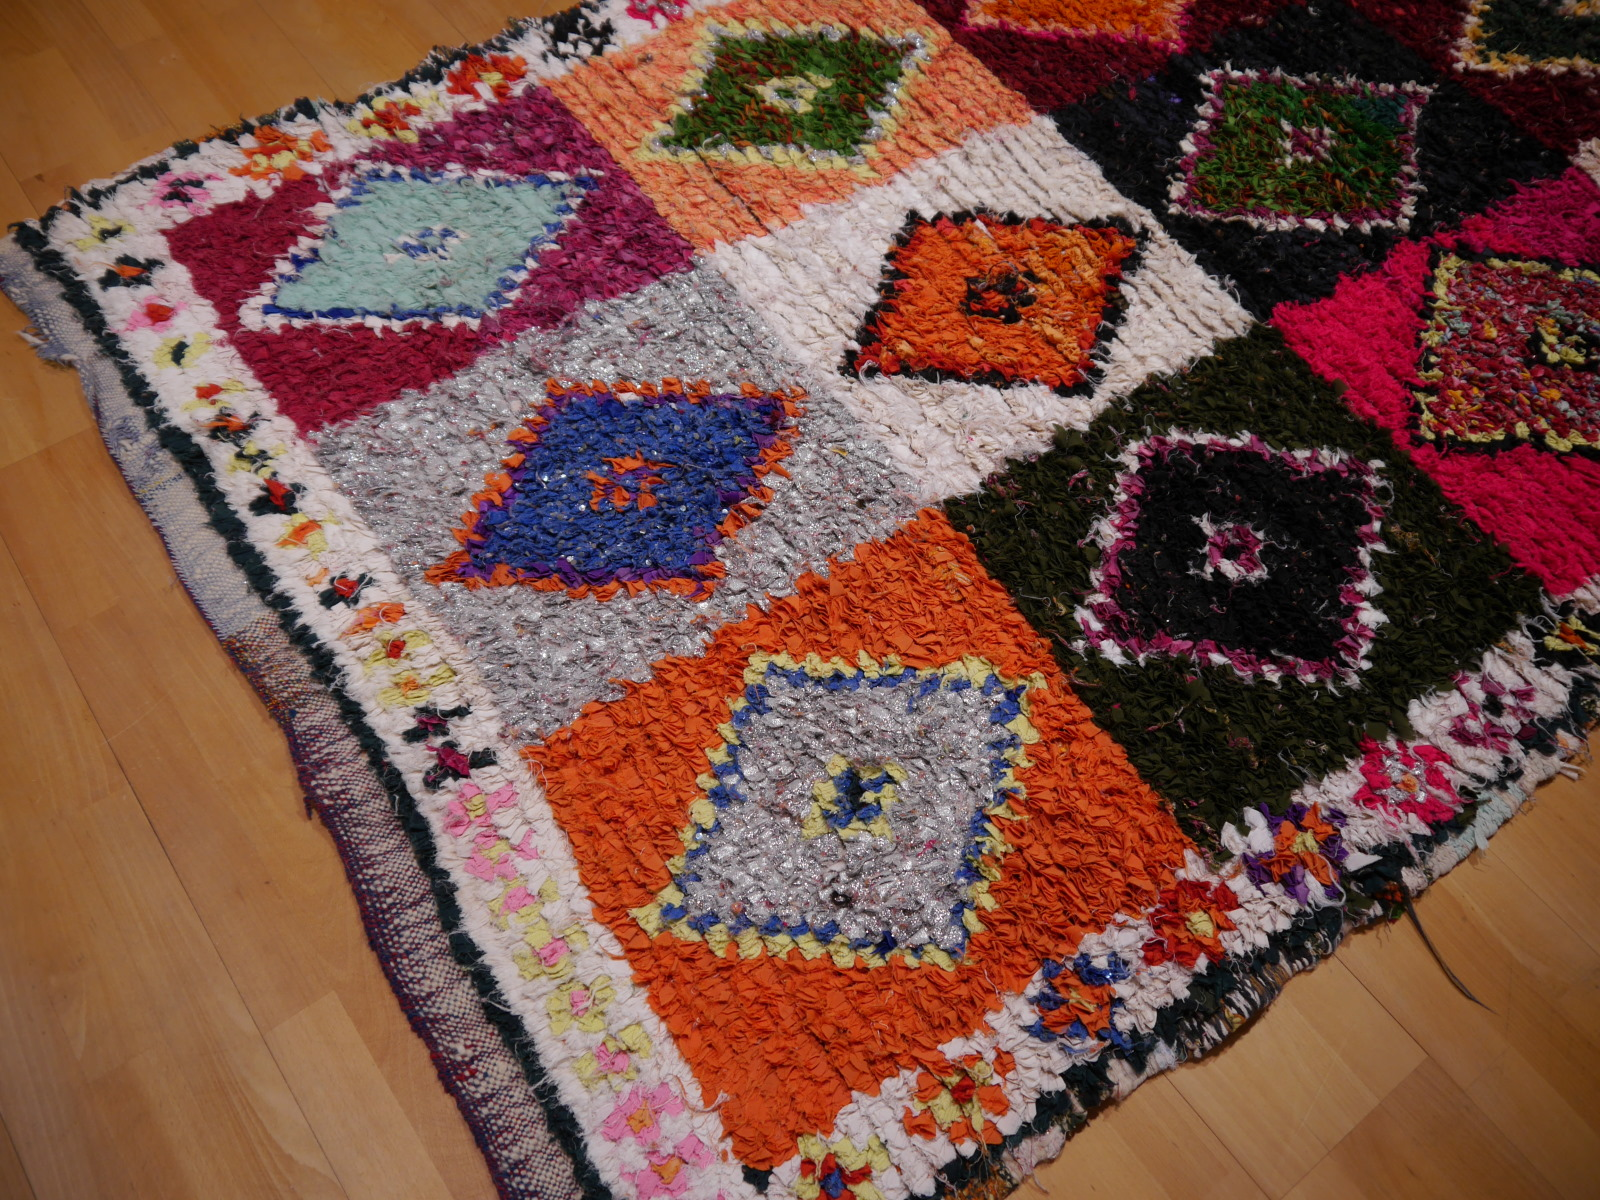 14977 khozema 230 x 140 cm berber teppich marokko vintage textil. Black Bedroom Furniture Sets. Home Design Ideas